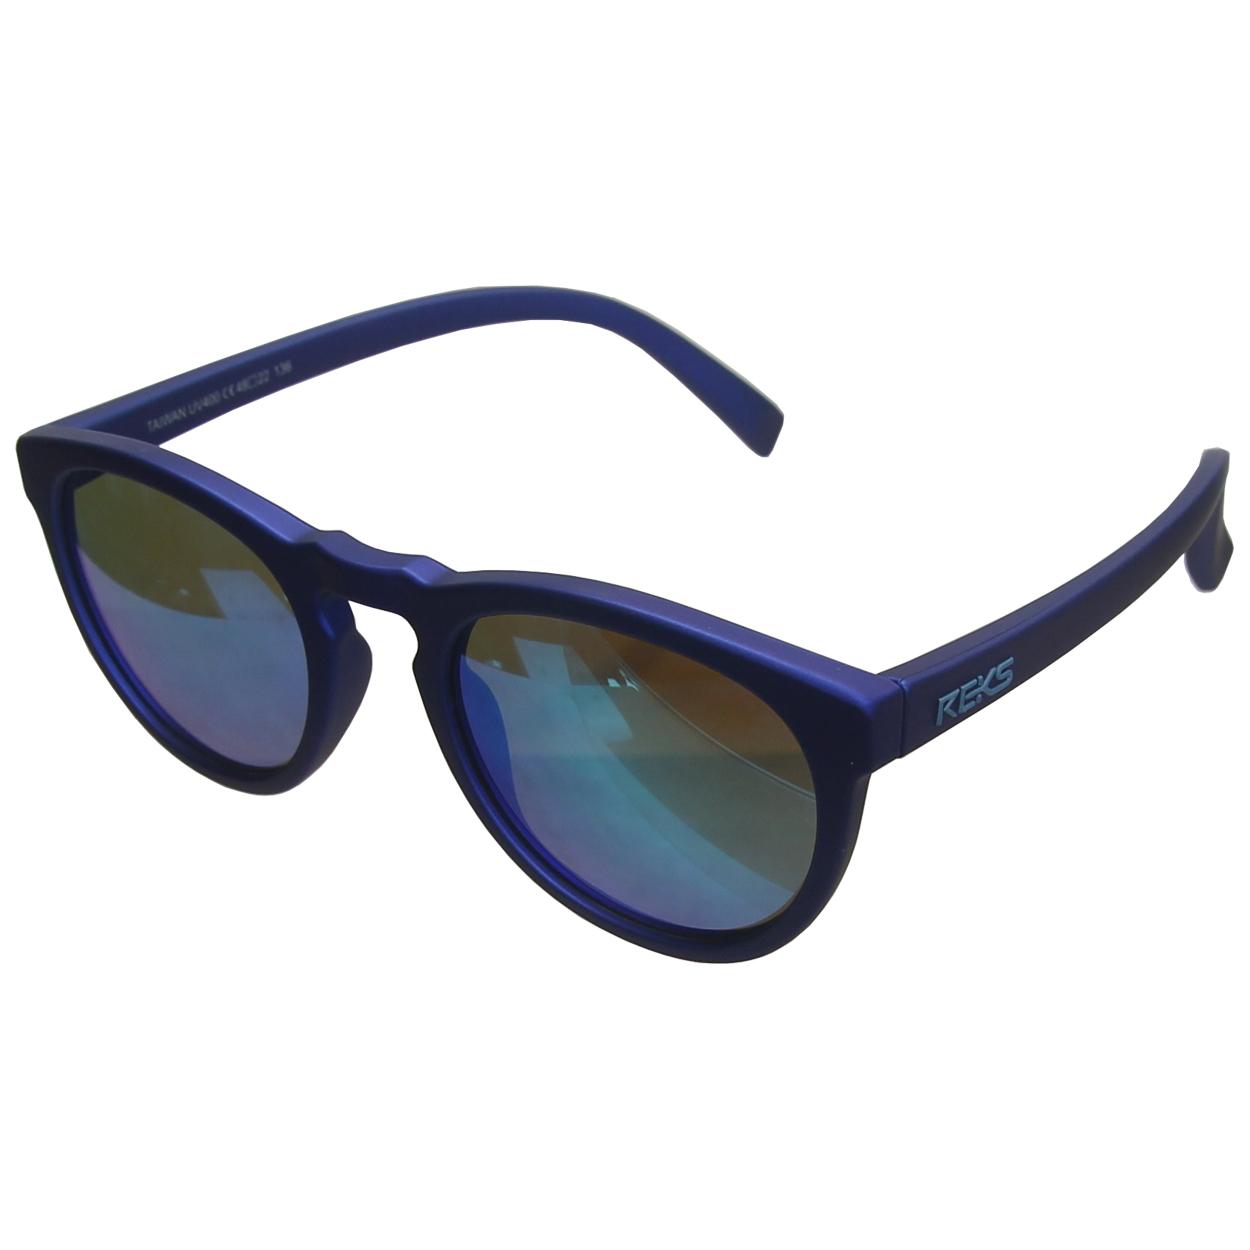 74b0a61fe3e Reks Optics Round Polarized Sunglasses - GolfEtail.com